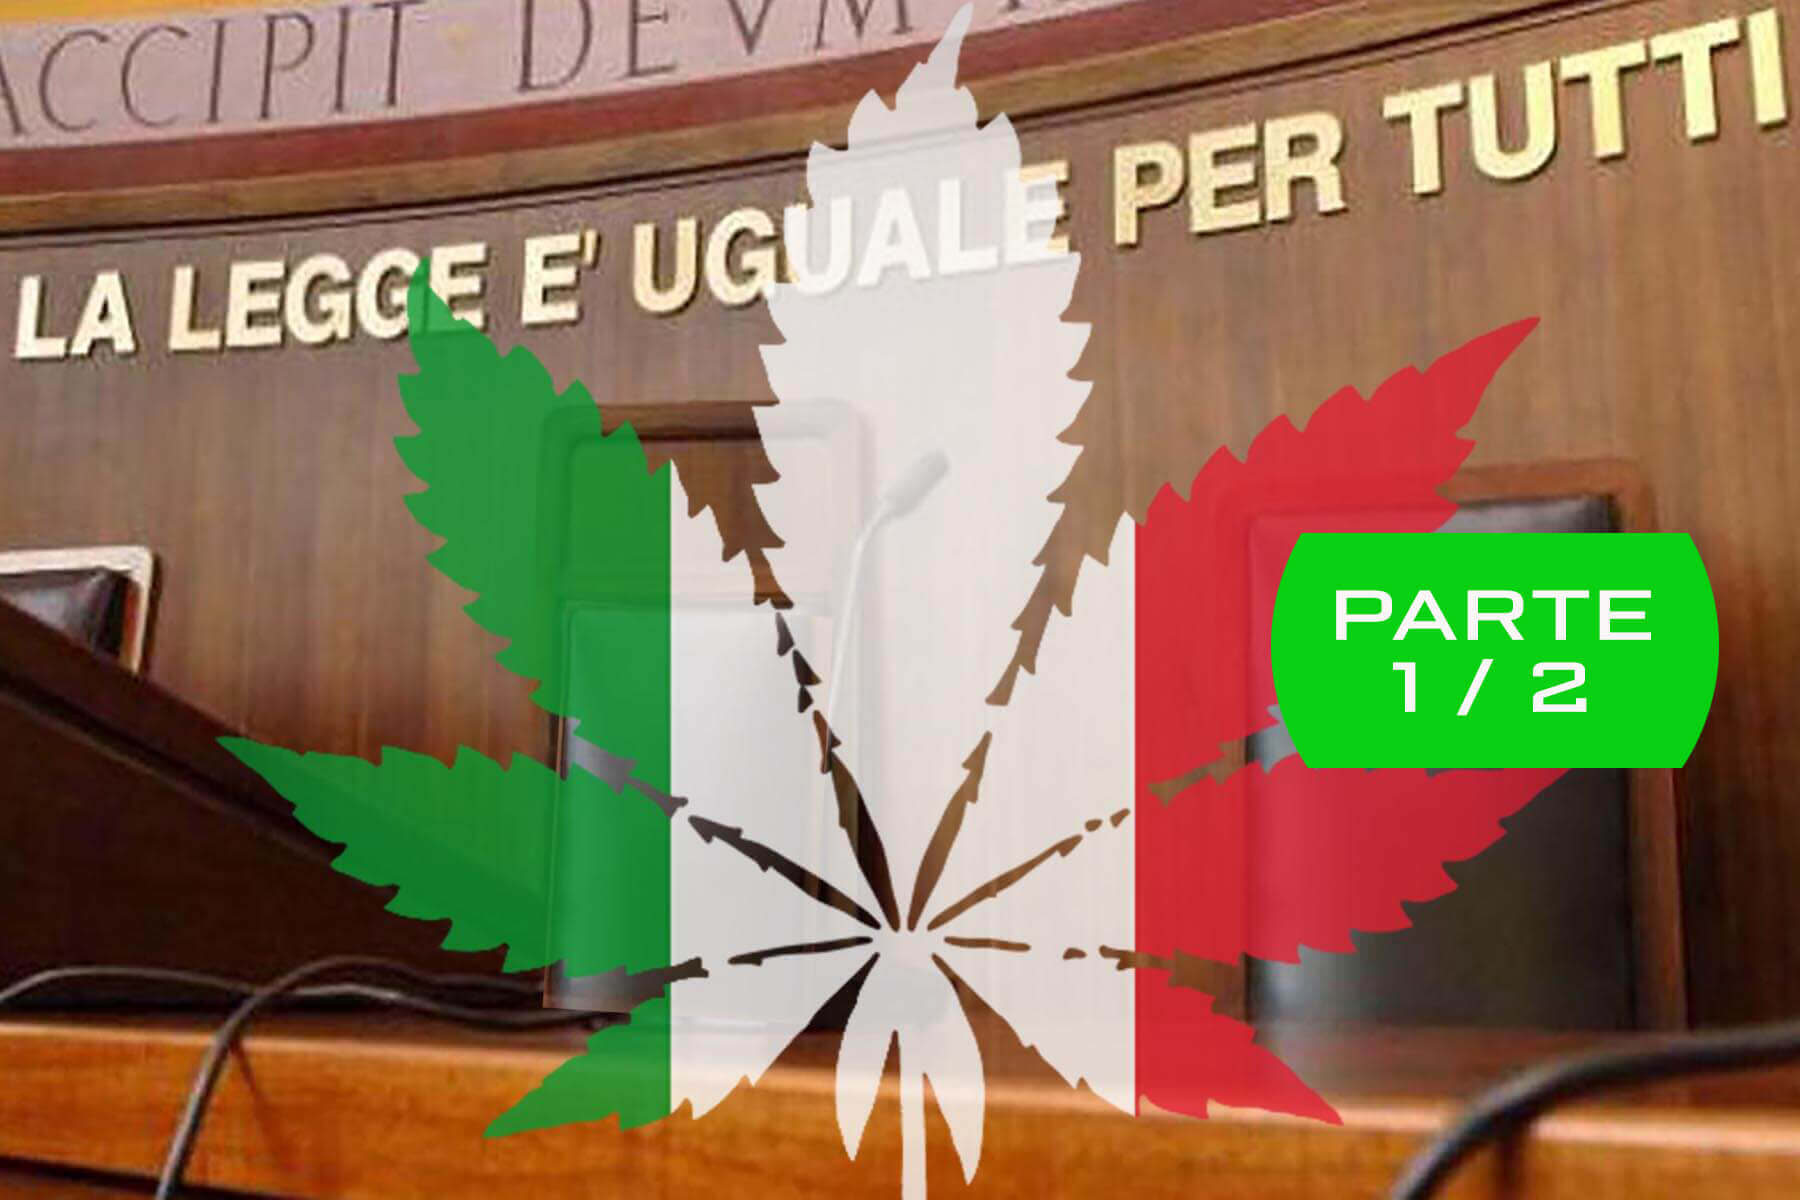 Cannabis Light in Italia: Aggiornamento 2021 sulla Situazione Legislativa Italiana - Parte 1/2